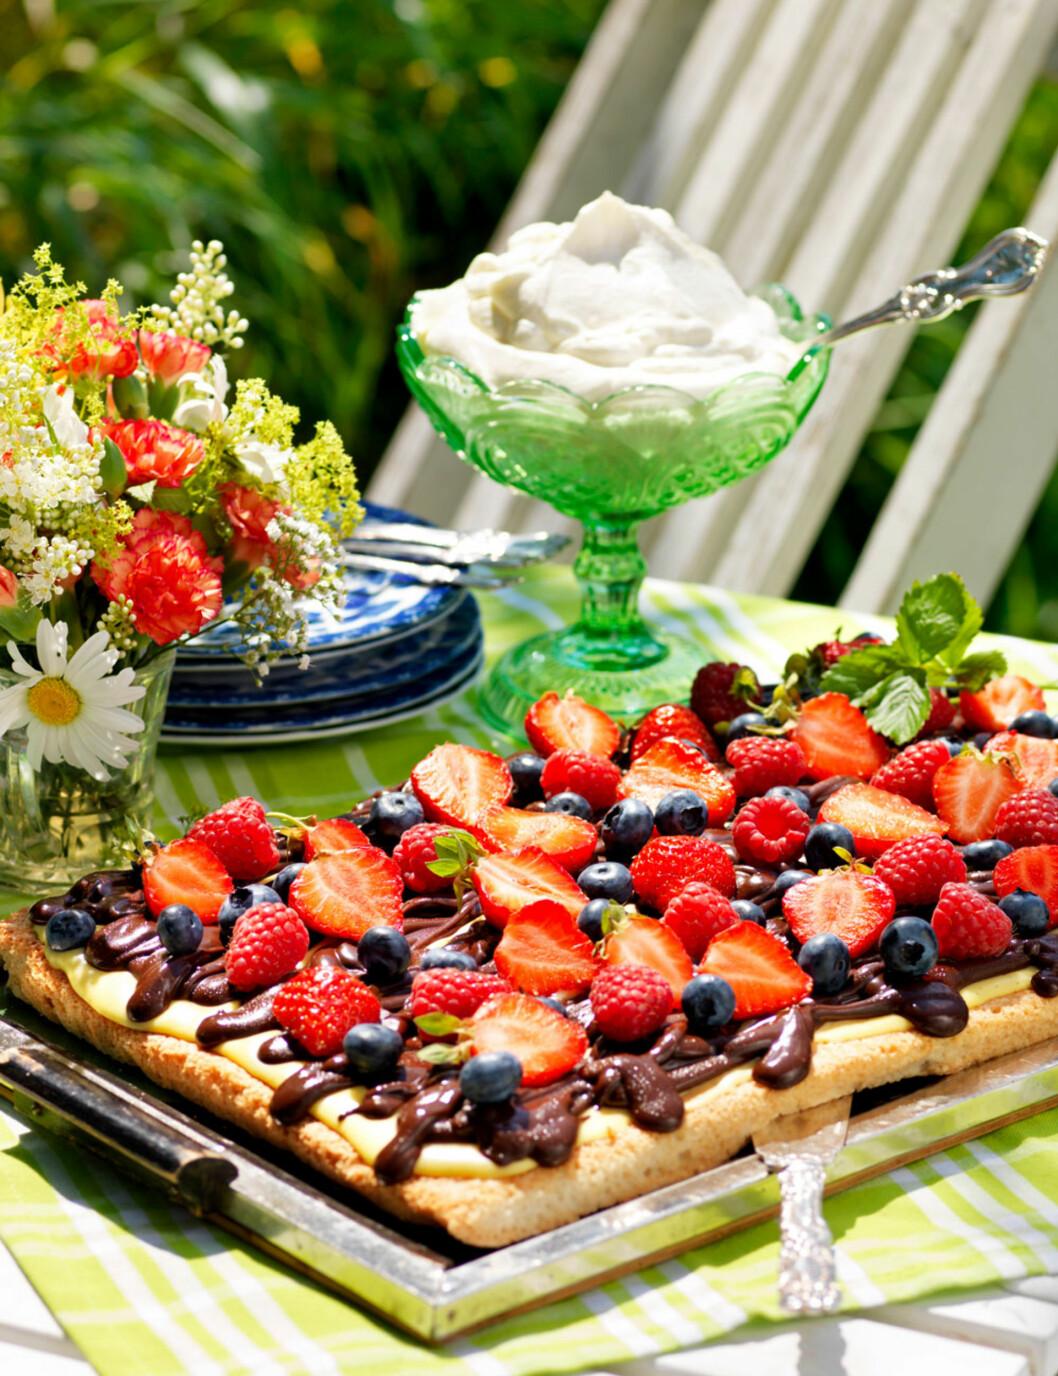 HØSTKAKE: Mandelbunn, vaniljekrem, sjokoladeglasur og deilige bær; kan det bli bedre? Foto: All Over Press